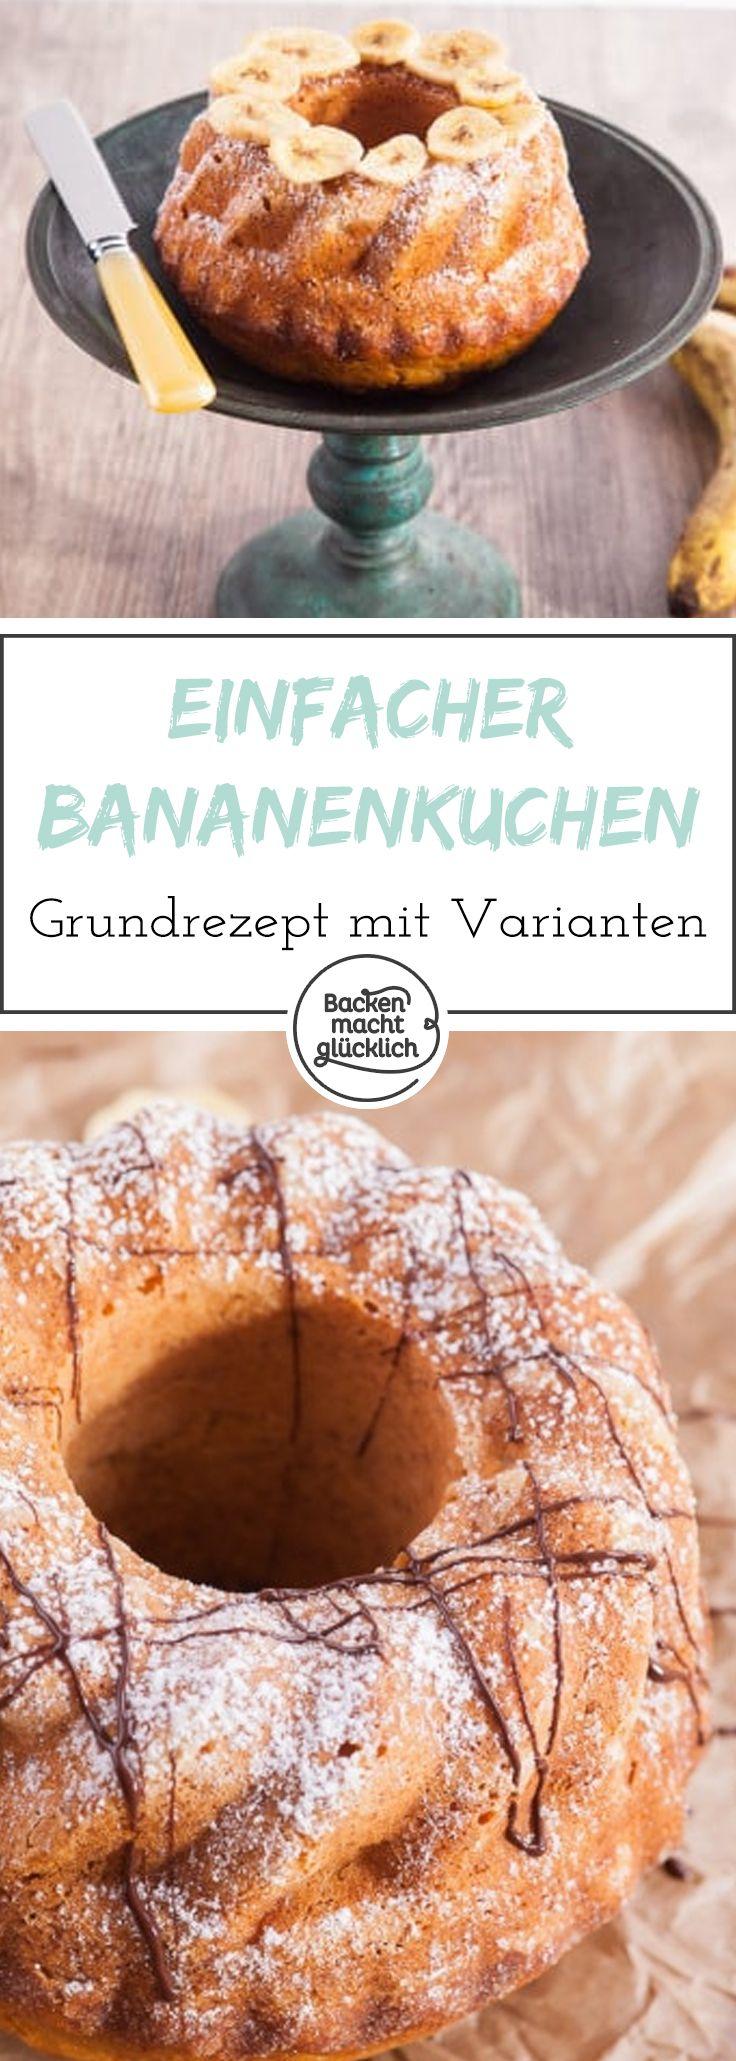 Dieses Bananenkuchen-Grundrezept ist kinderleicht und super lecker. Der einfache Bananen-Rührkuchen lässt sich gut abwandeln - z.B. mit Nüssen, Schokolade oder Gewürzen.